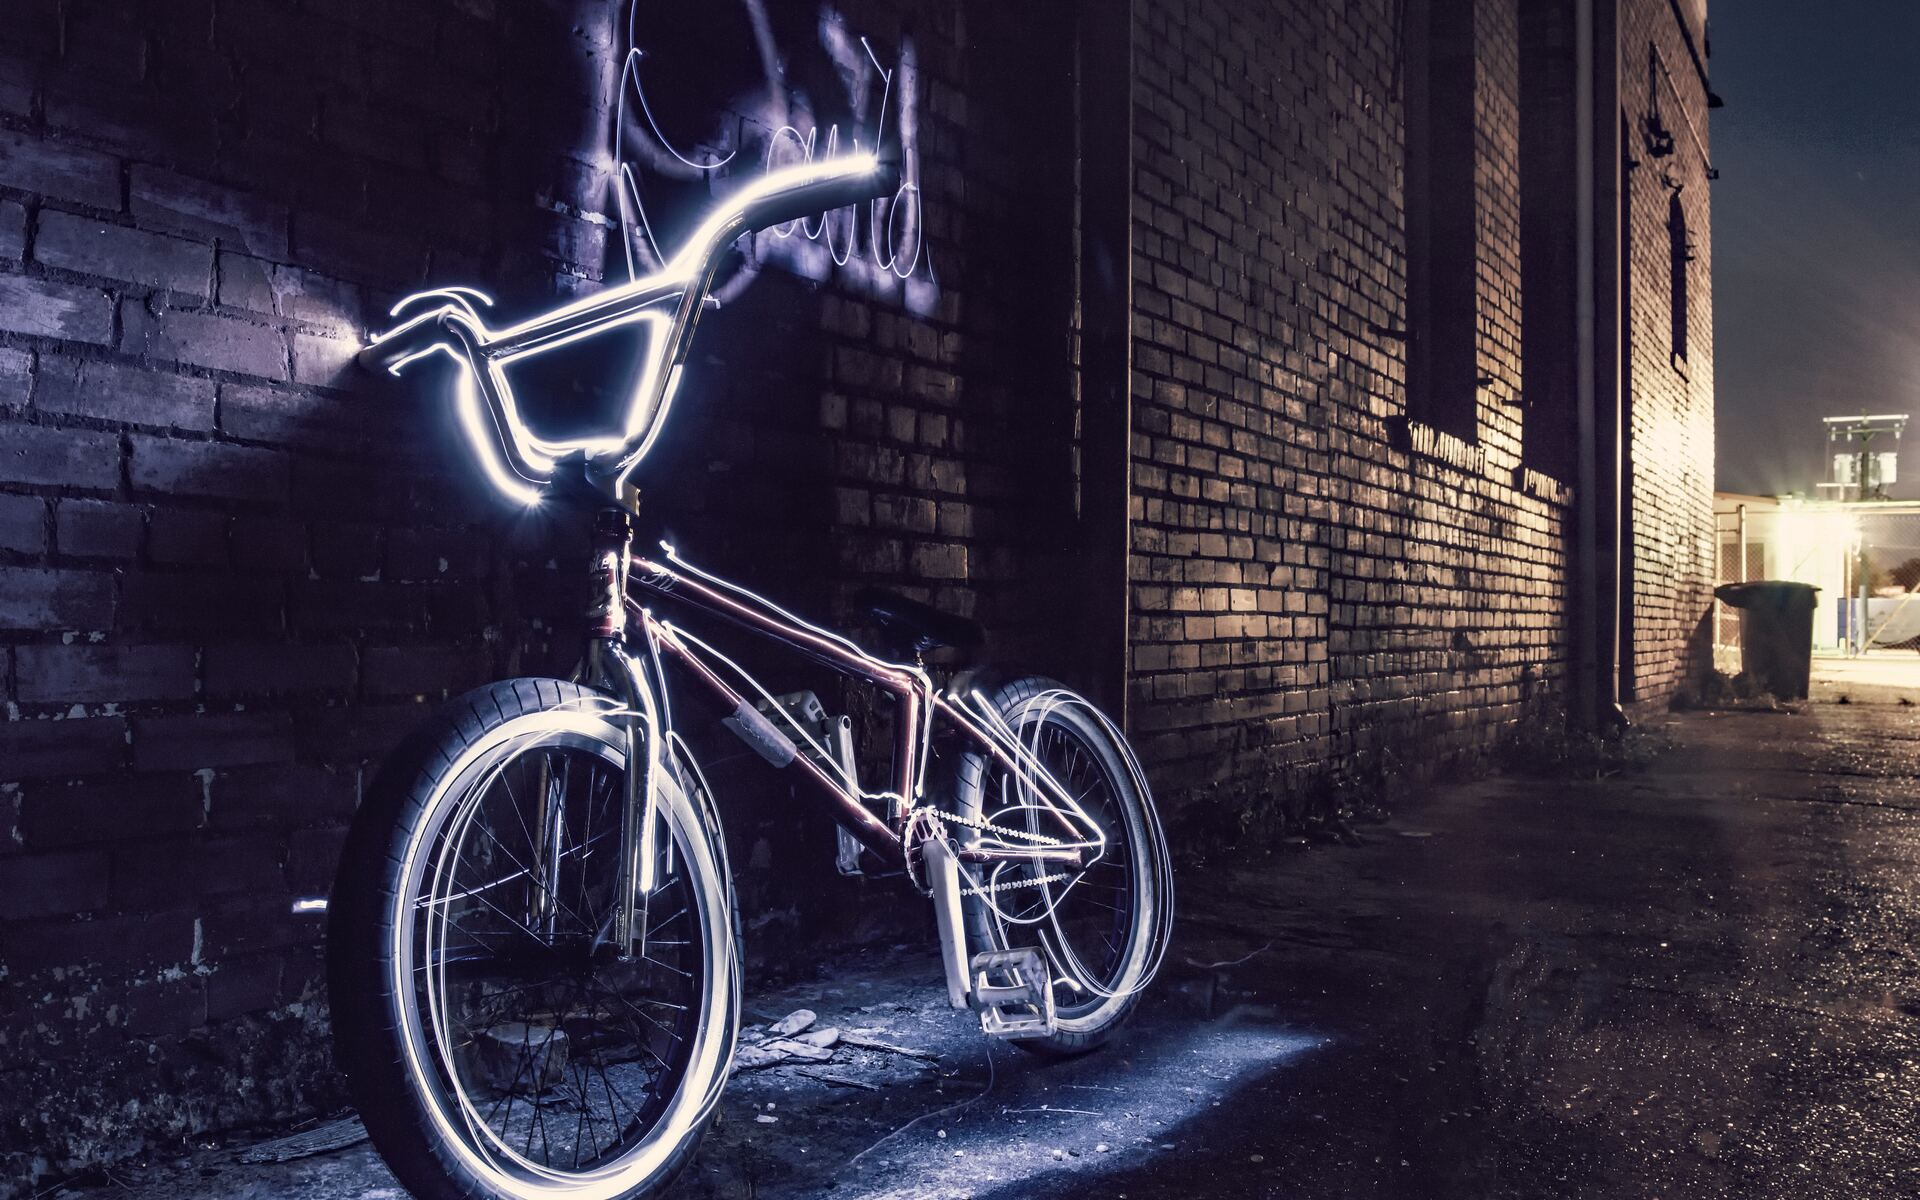 bicycle-neon-5k-wc.jpg